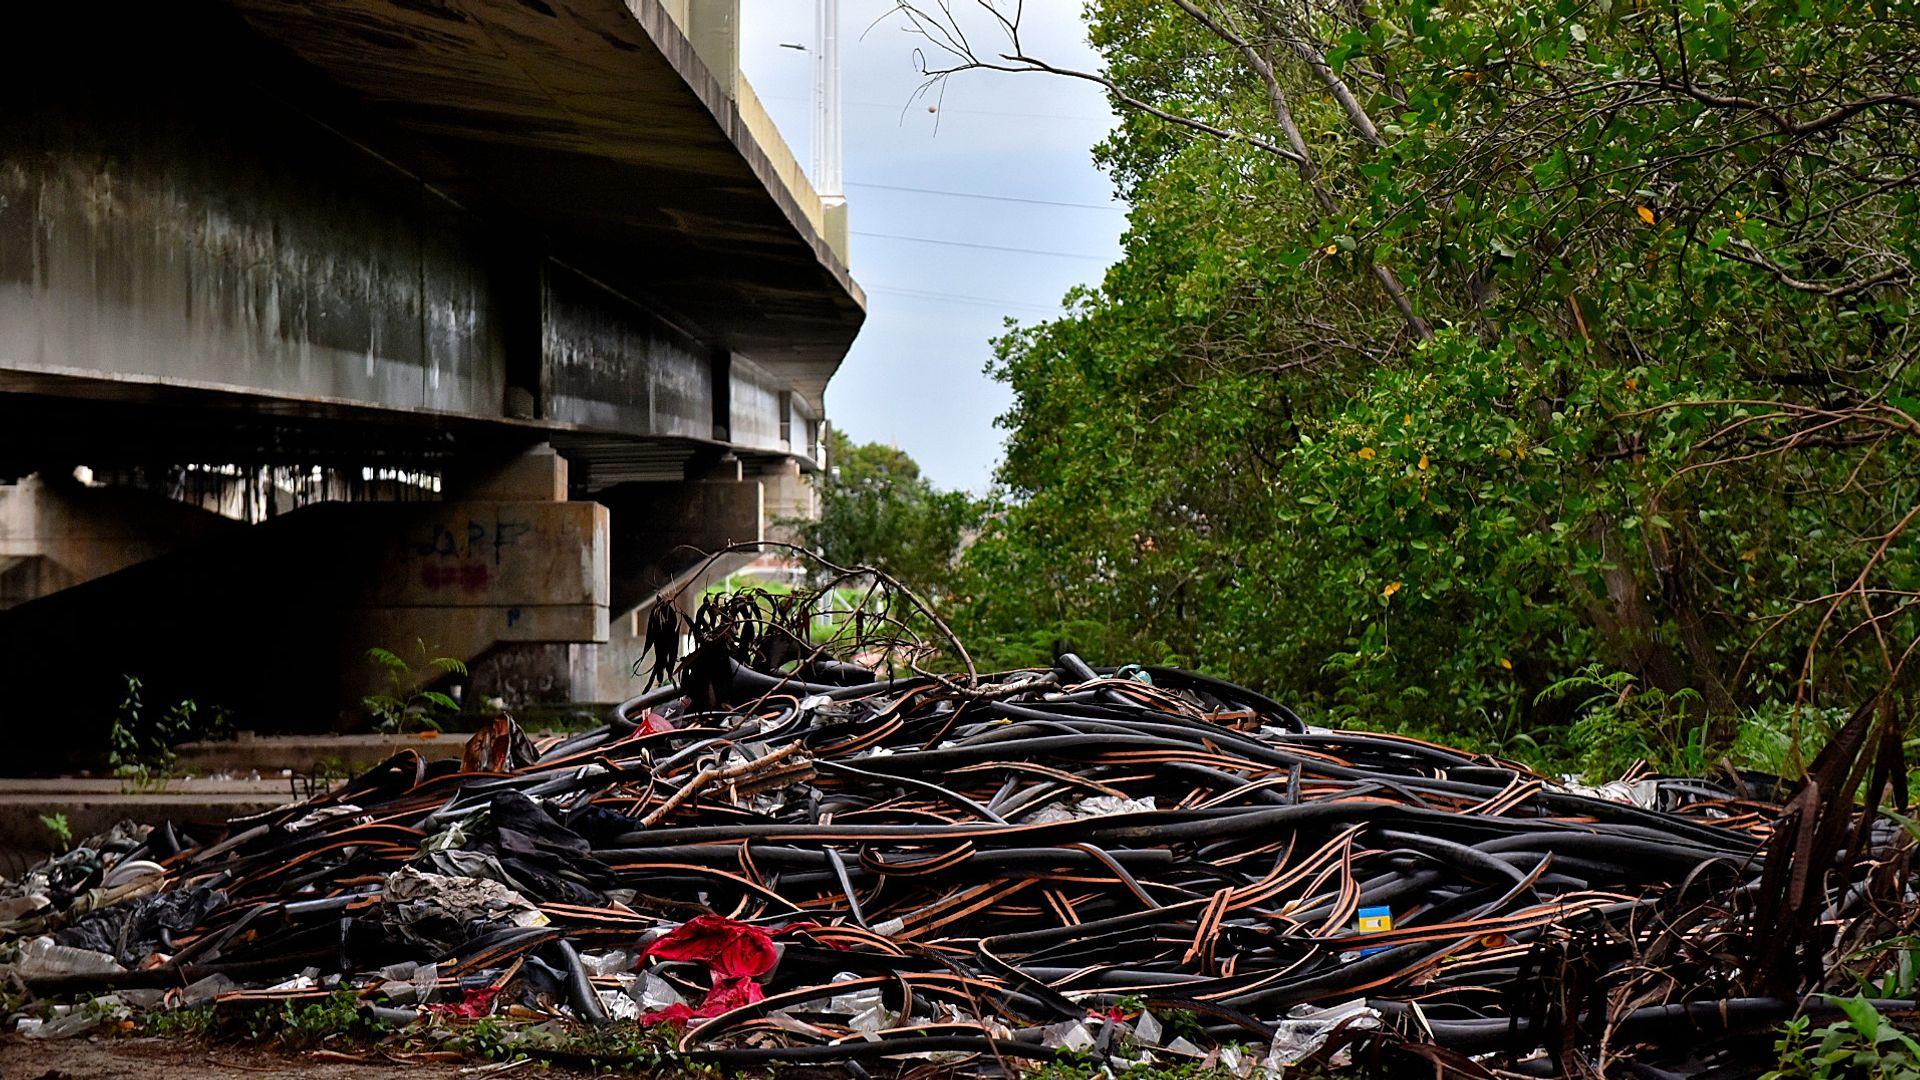 Criminosos usam área debaixo da Ponte da Passagem e manguezal para descartar resíduos oriundos dos furtos de fios de cobre na região da Ufes